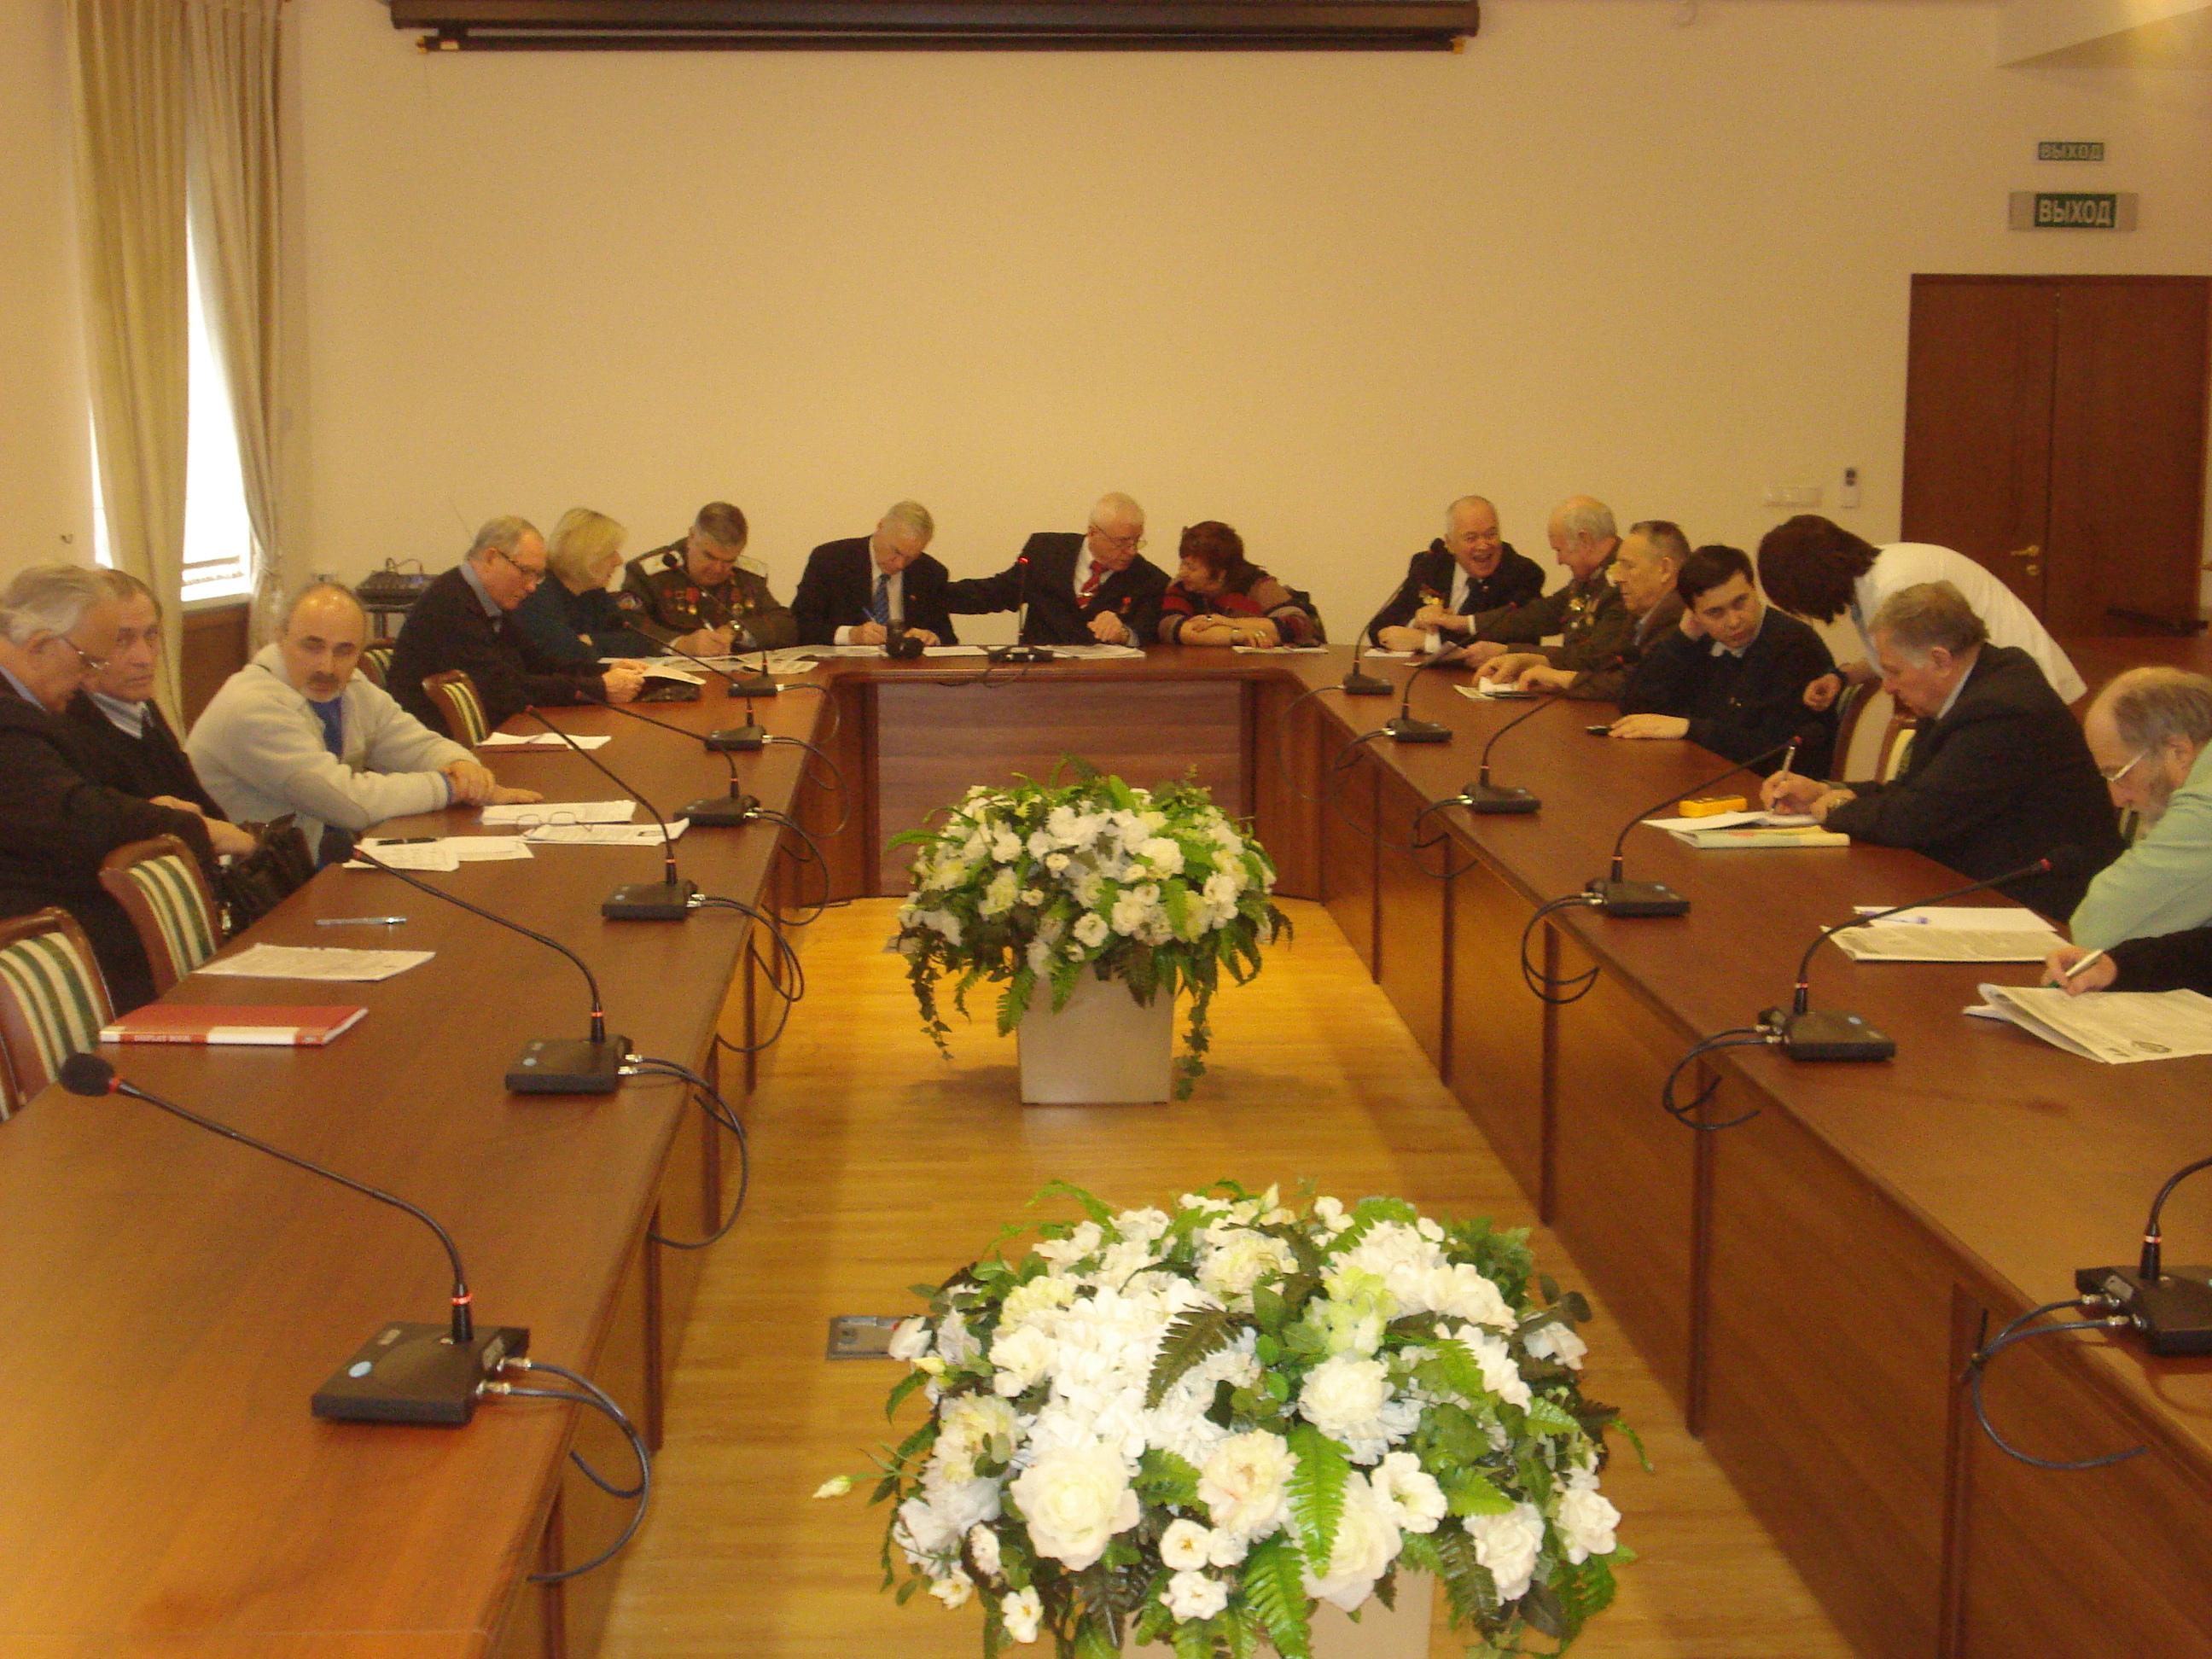 Расширенное заседание РОО «Бородино–2045»